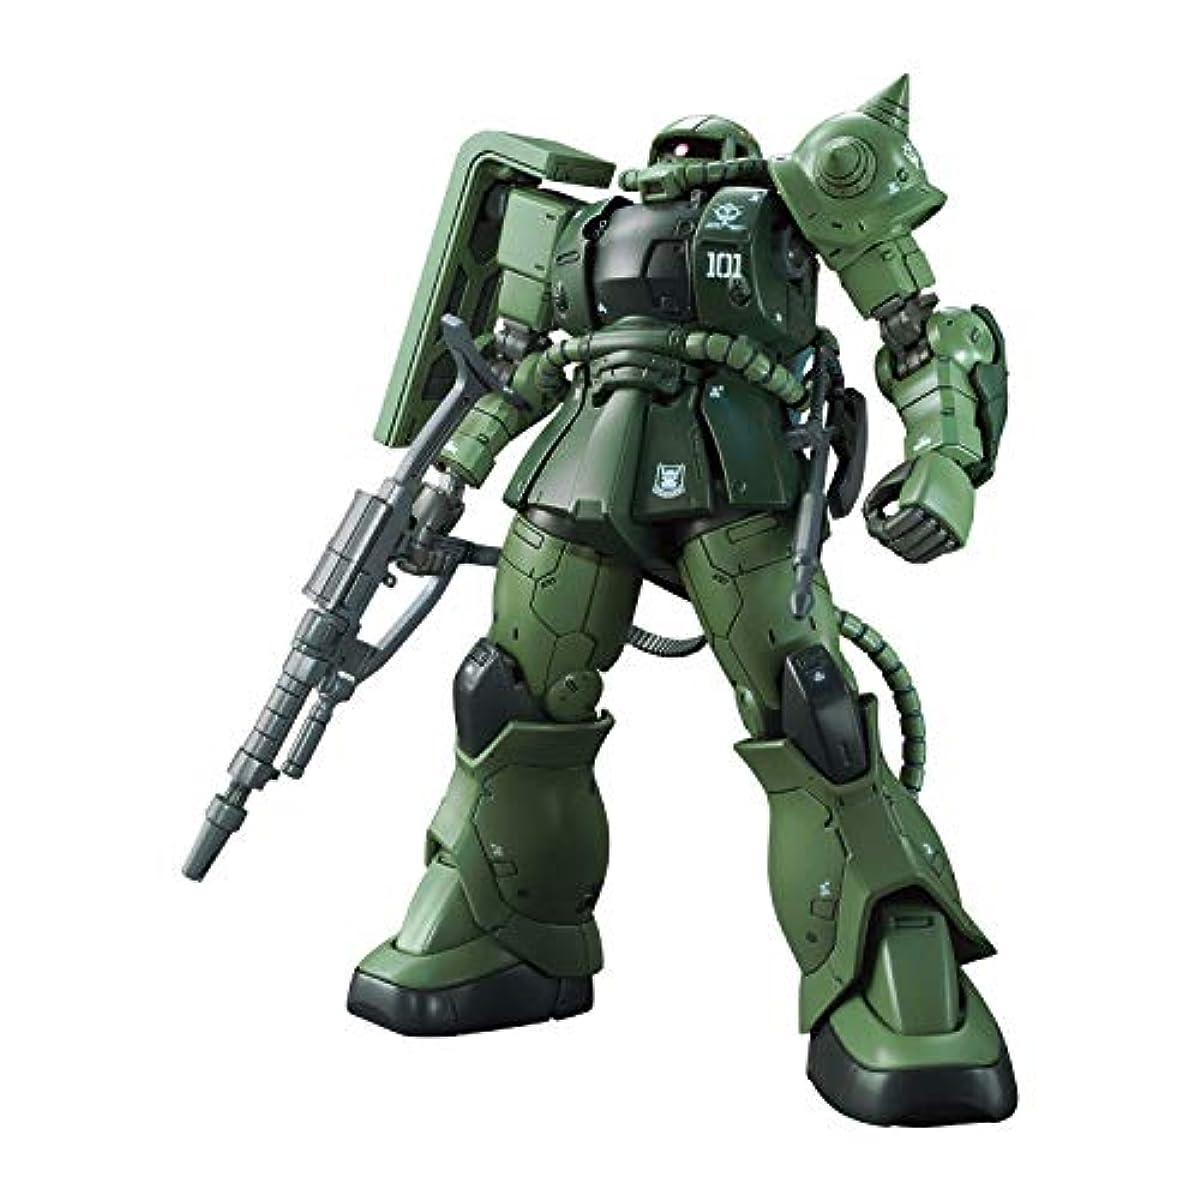 [해외] HG 기동 전사 건담 THE ORIGIN 잭II C-6/R6퍼터입 1/144스케일 색별 분류필 프라모델